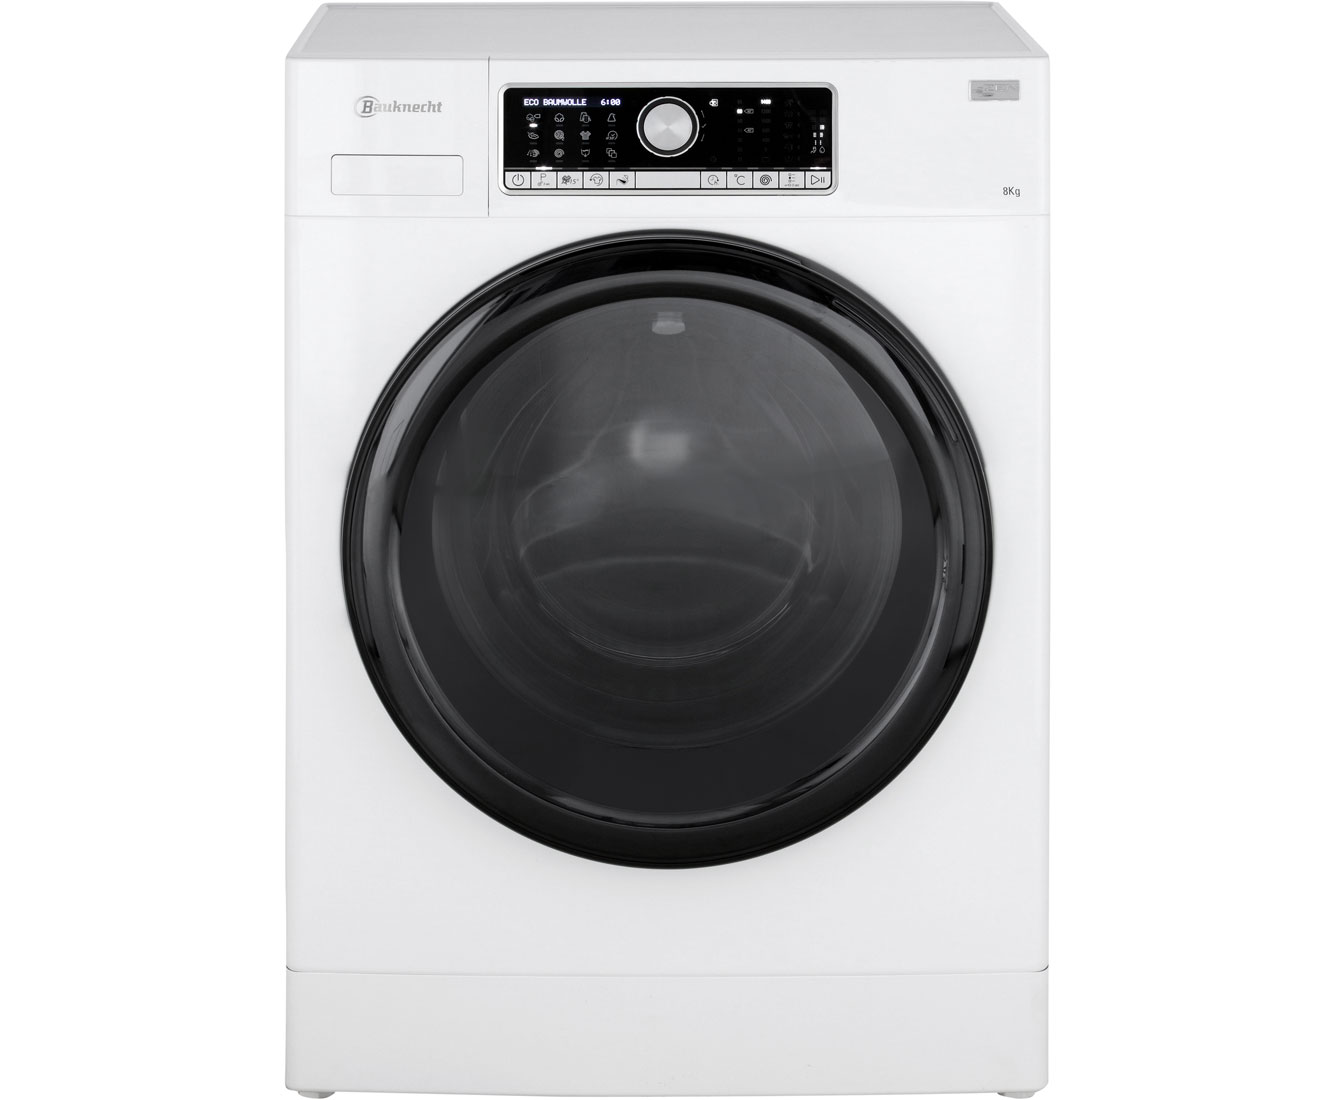 Waschmaschinen Untergestell Preisvergleich • Die besten Angebote ...